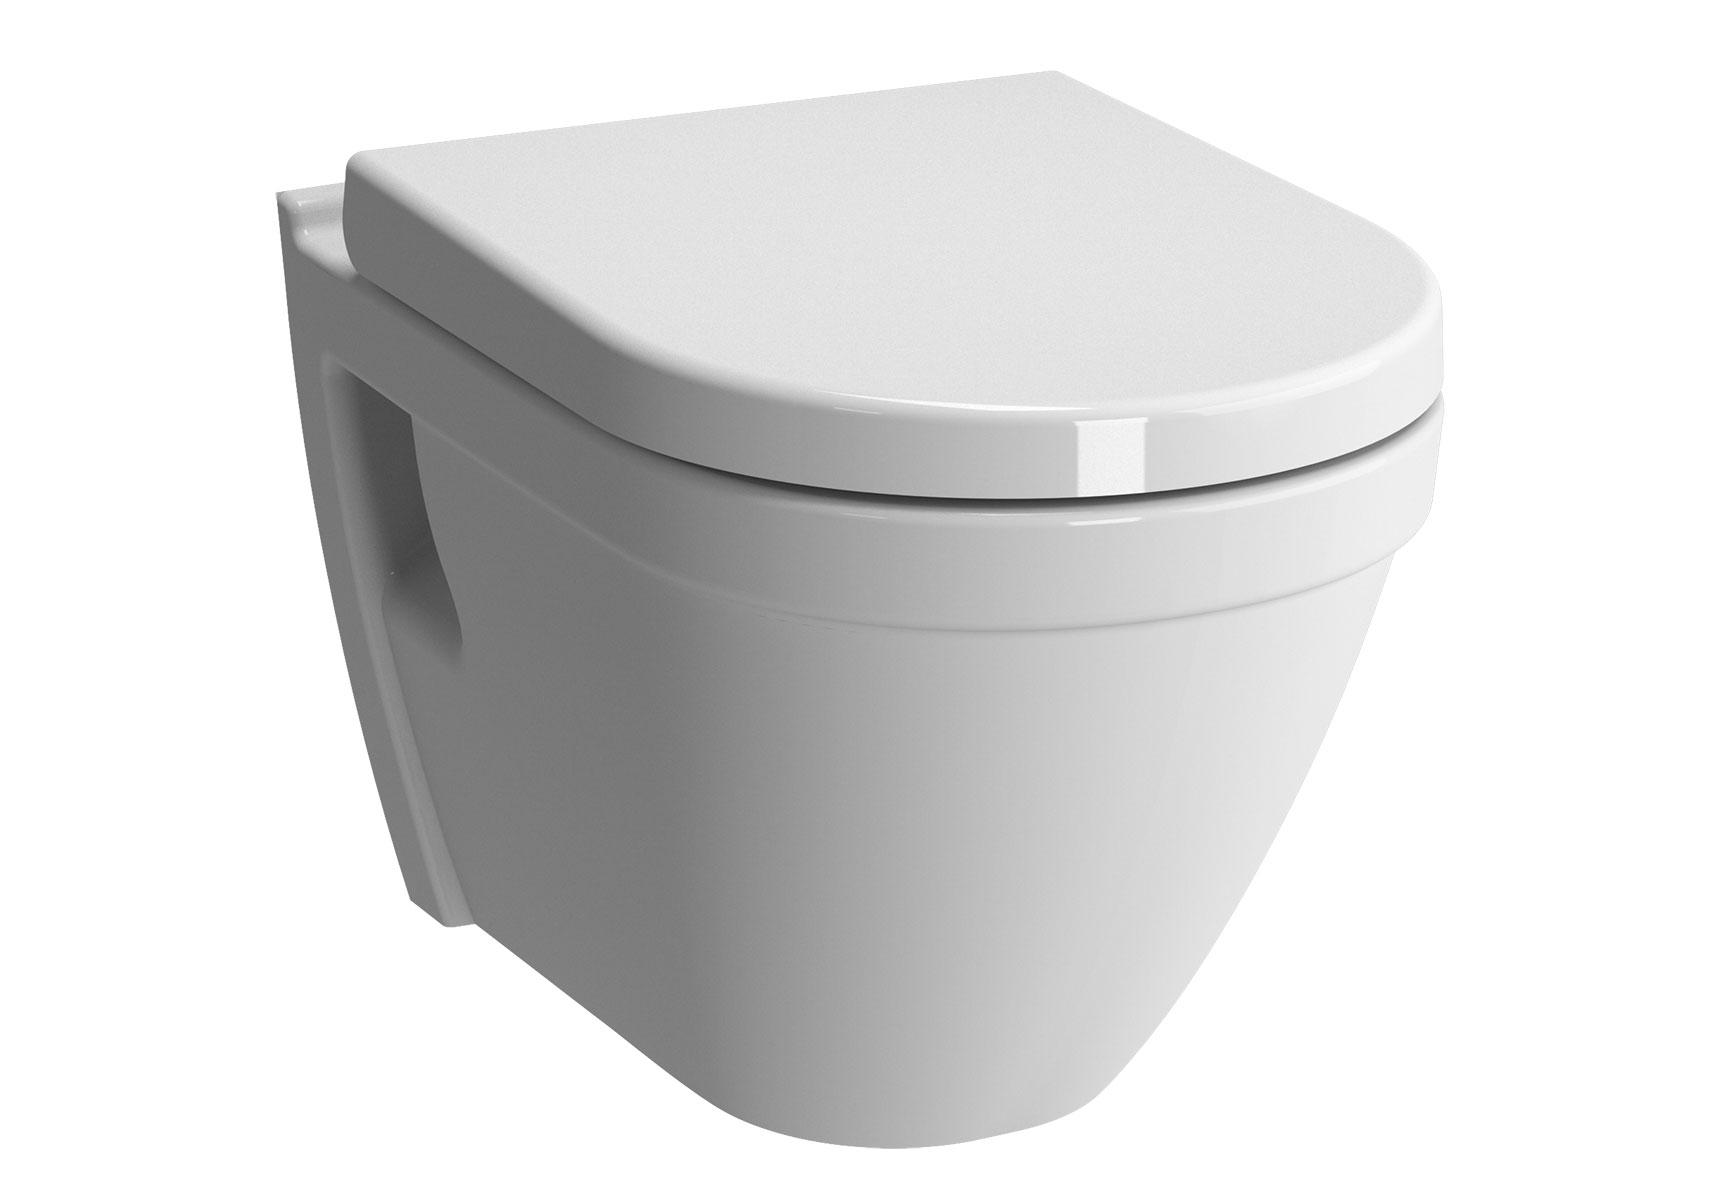 Toilet Zonder Spoelrand : Hangende toiletpotten wc met bidet wcmetbidet toilet met